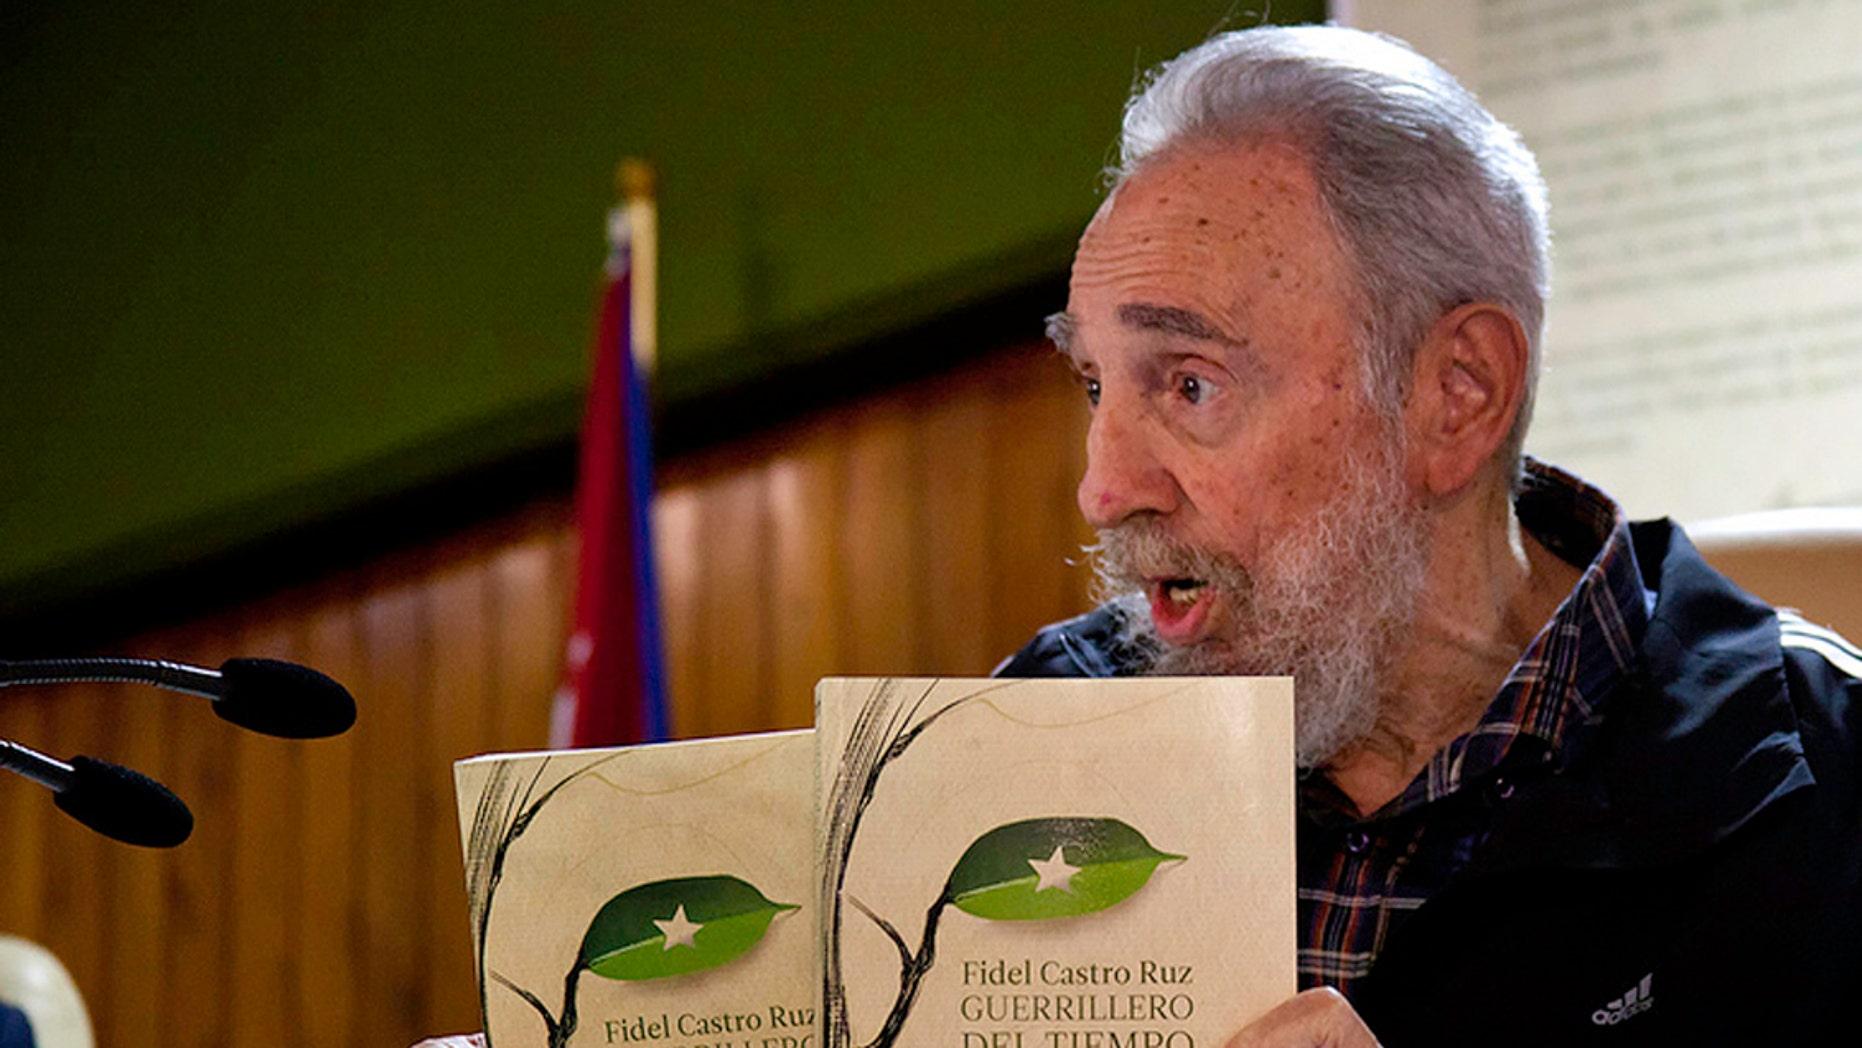 (AP Photo/Cubadebate, Roberto Chile)